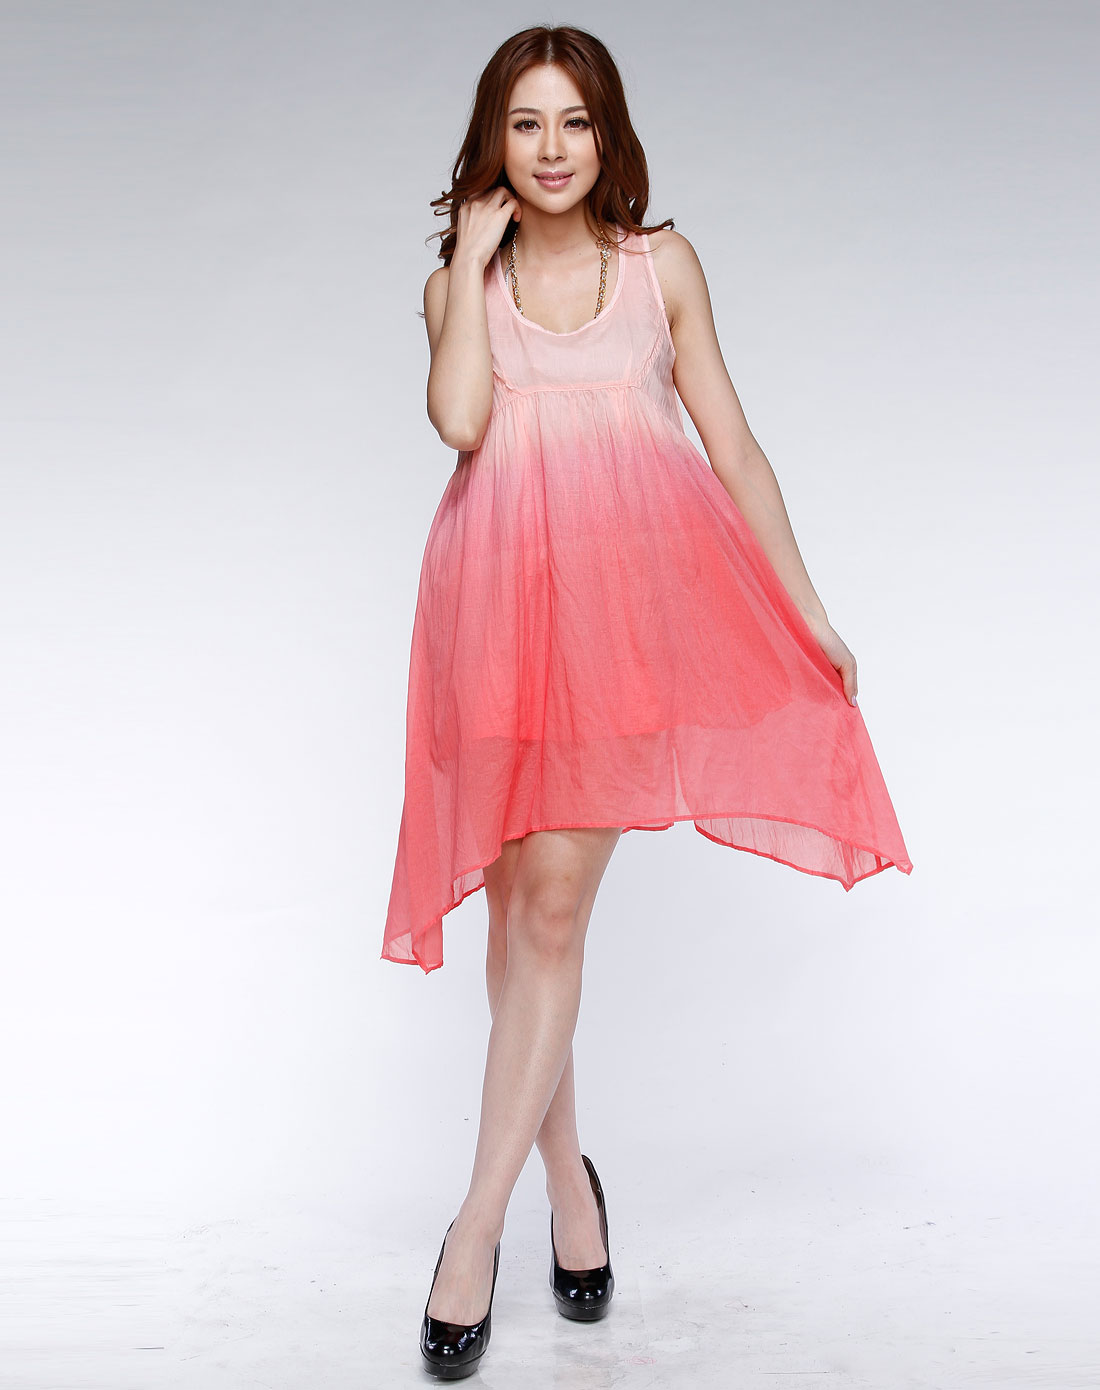 播�_播broadcast-粉红/红色渐变背心连衣裙